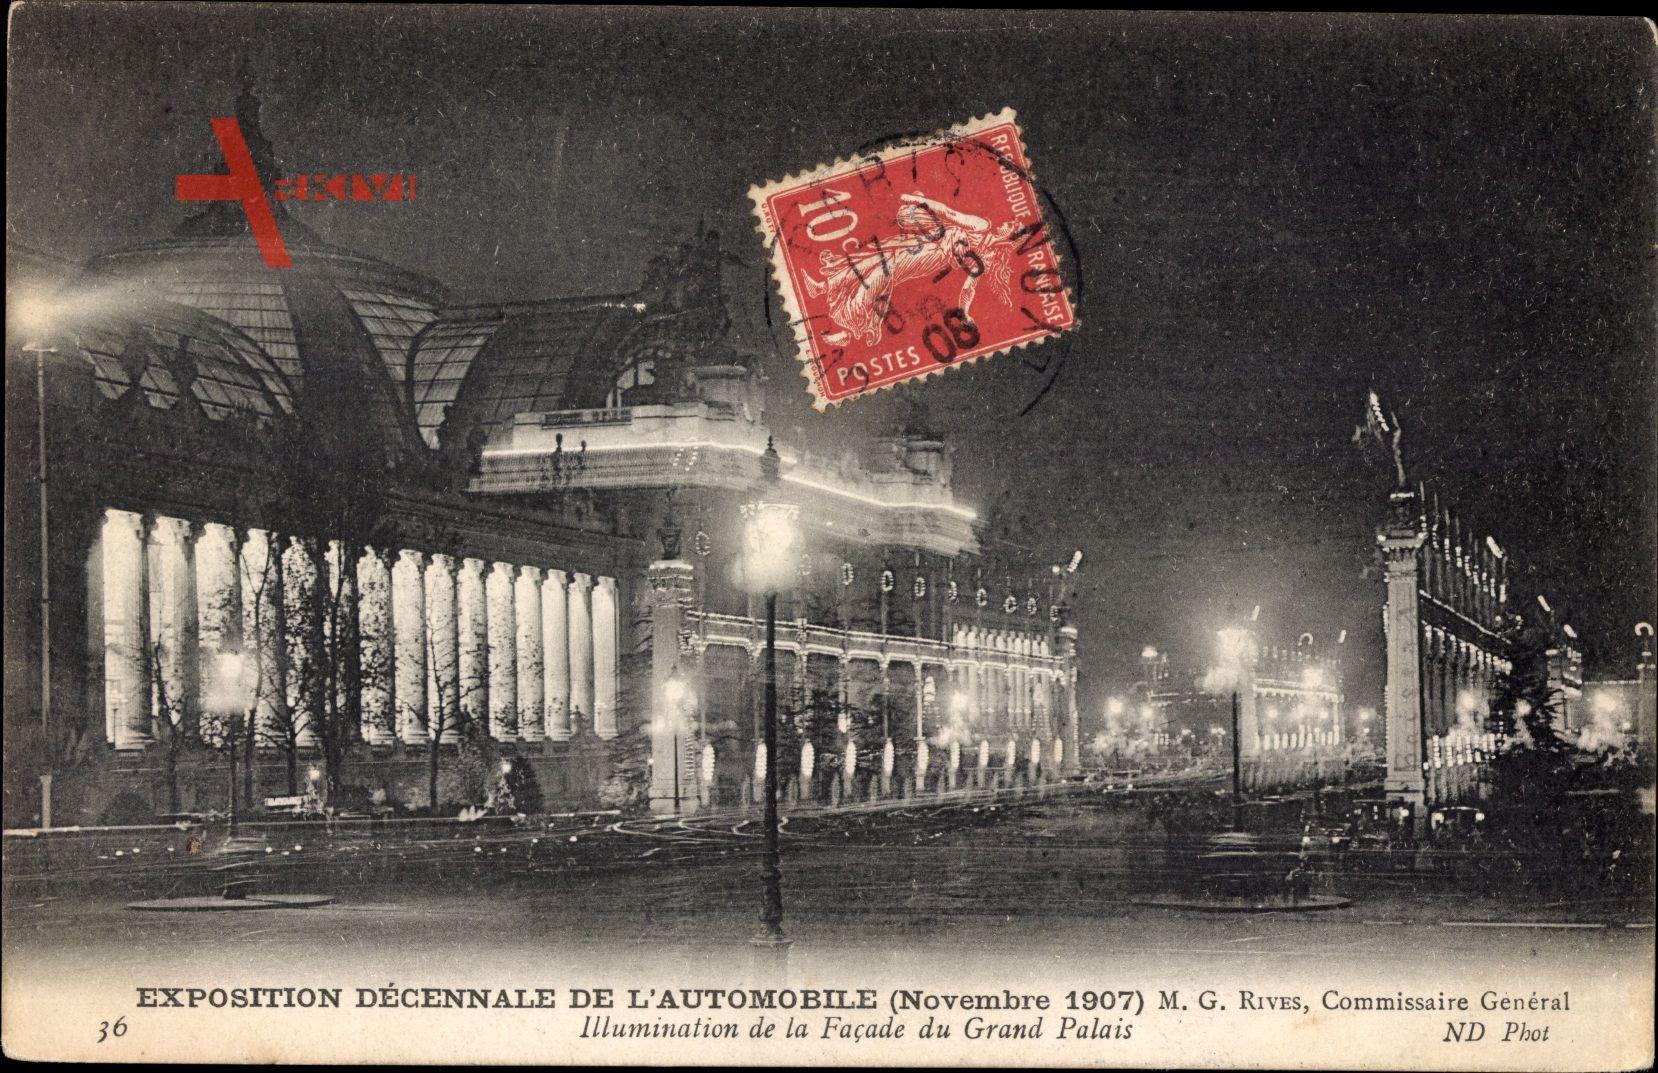 Exposition Décennale de lAutomobile, Novembre 1907, Illumination de nuit